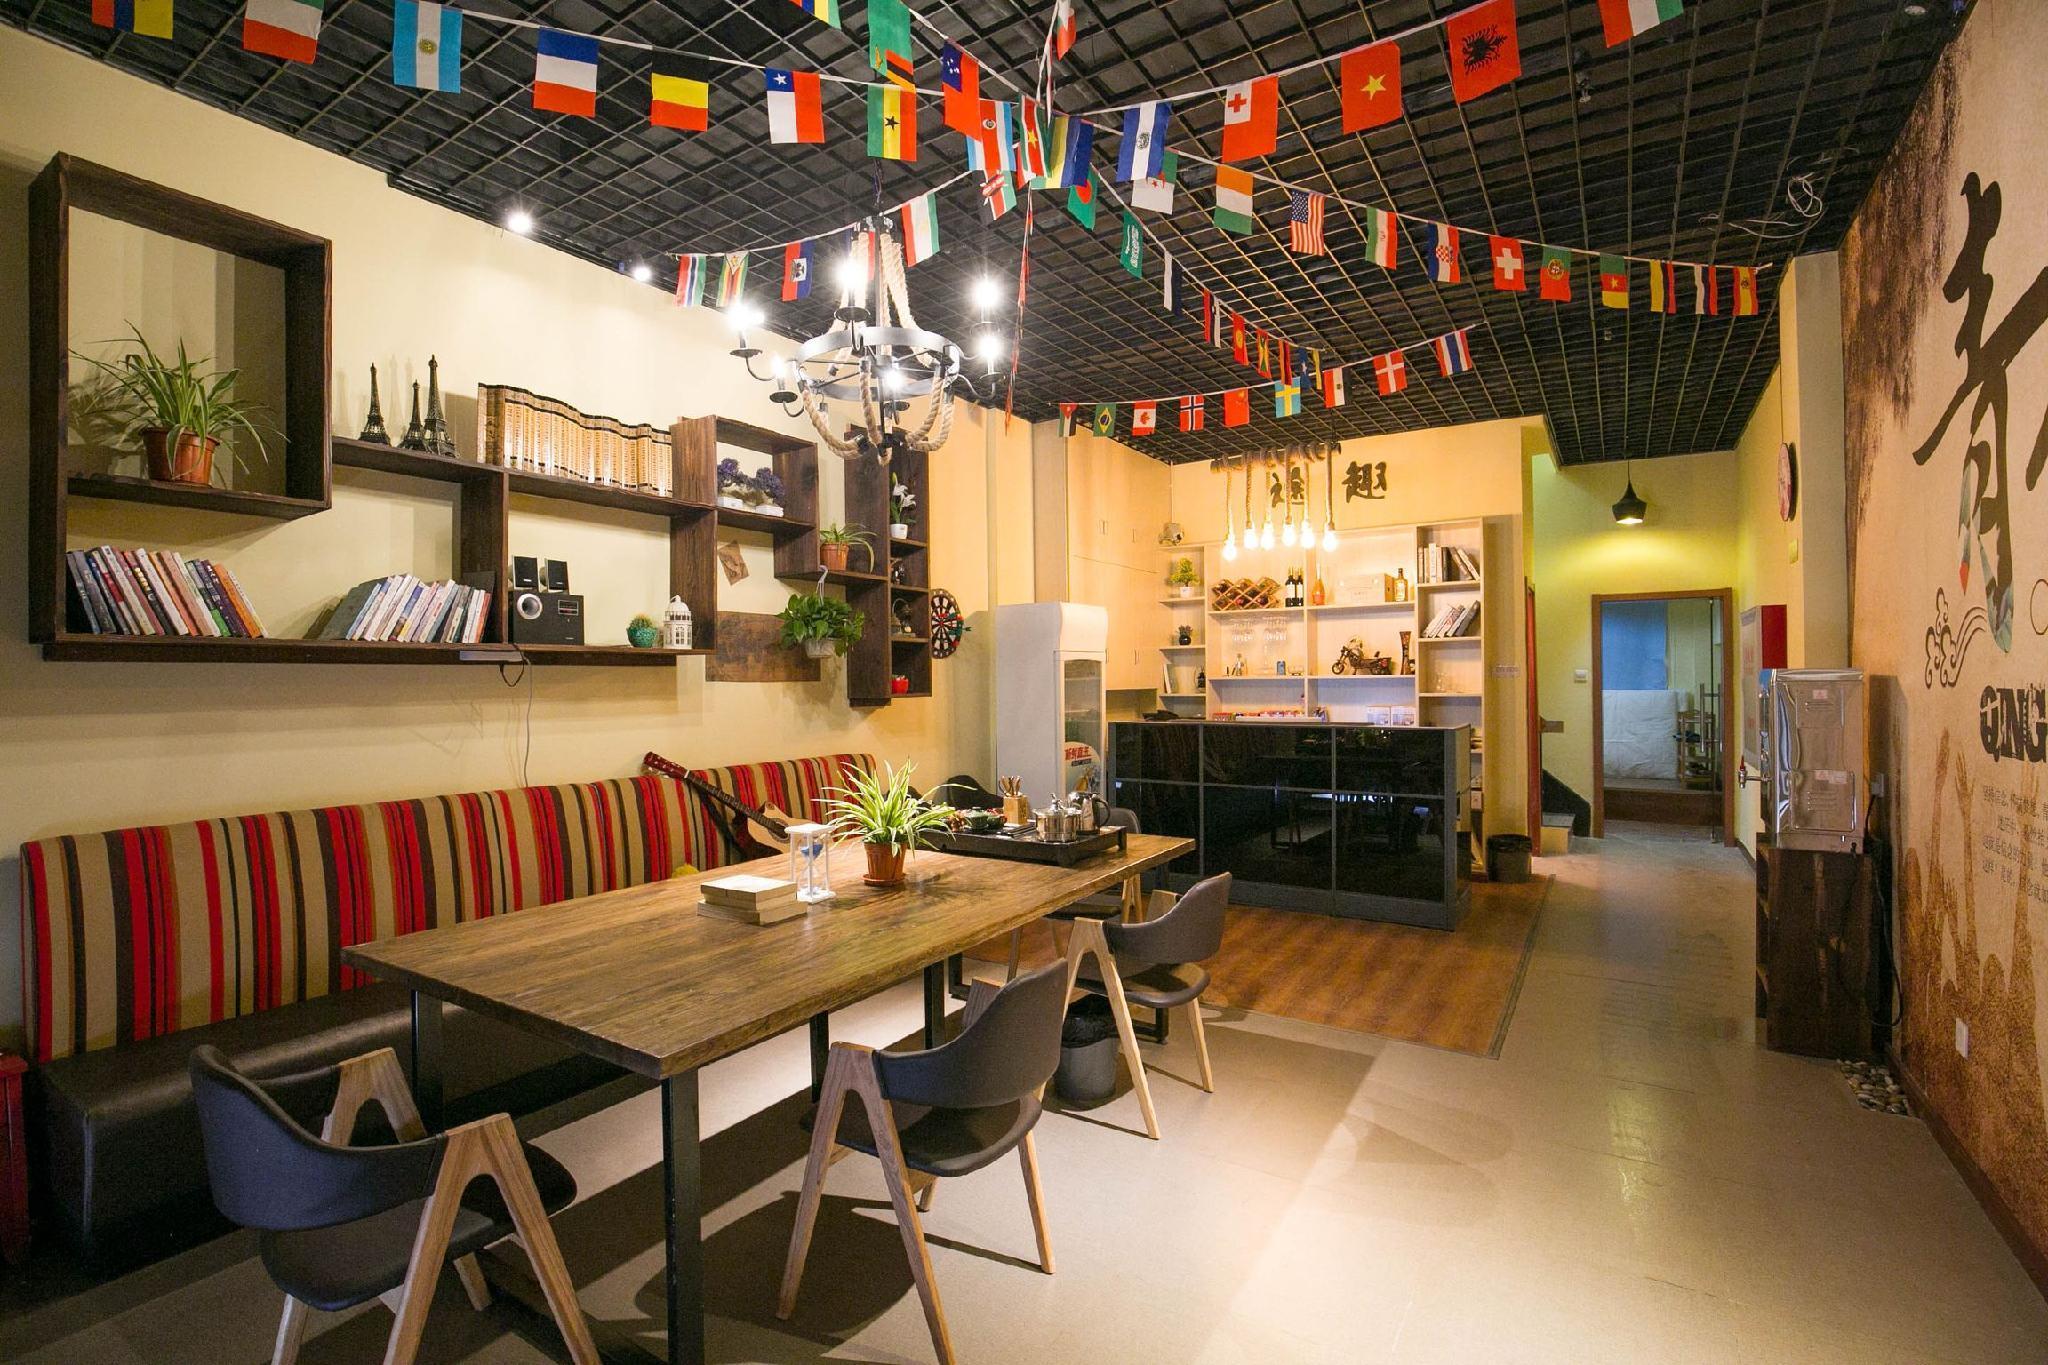 Tuqu International Youth Hostel